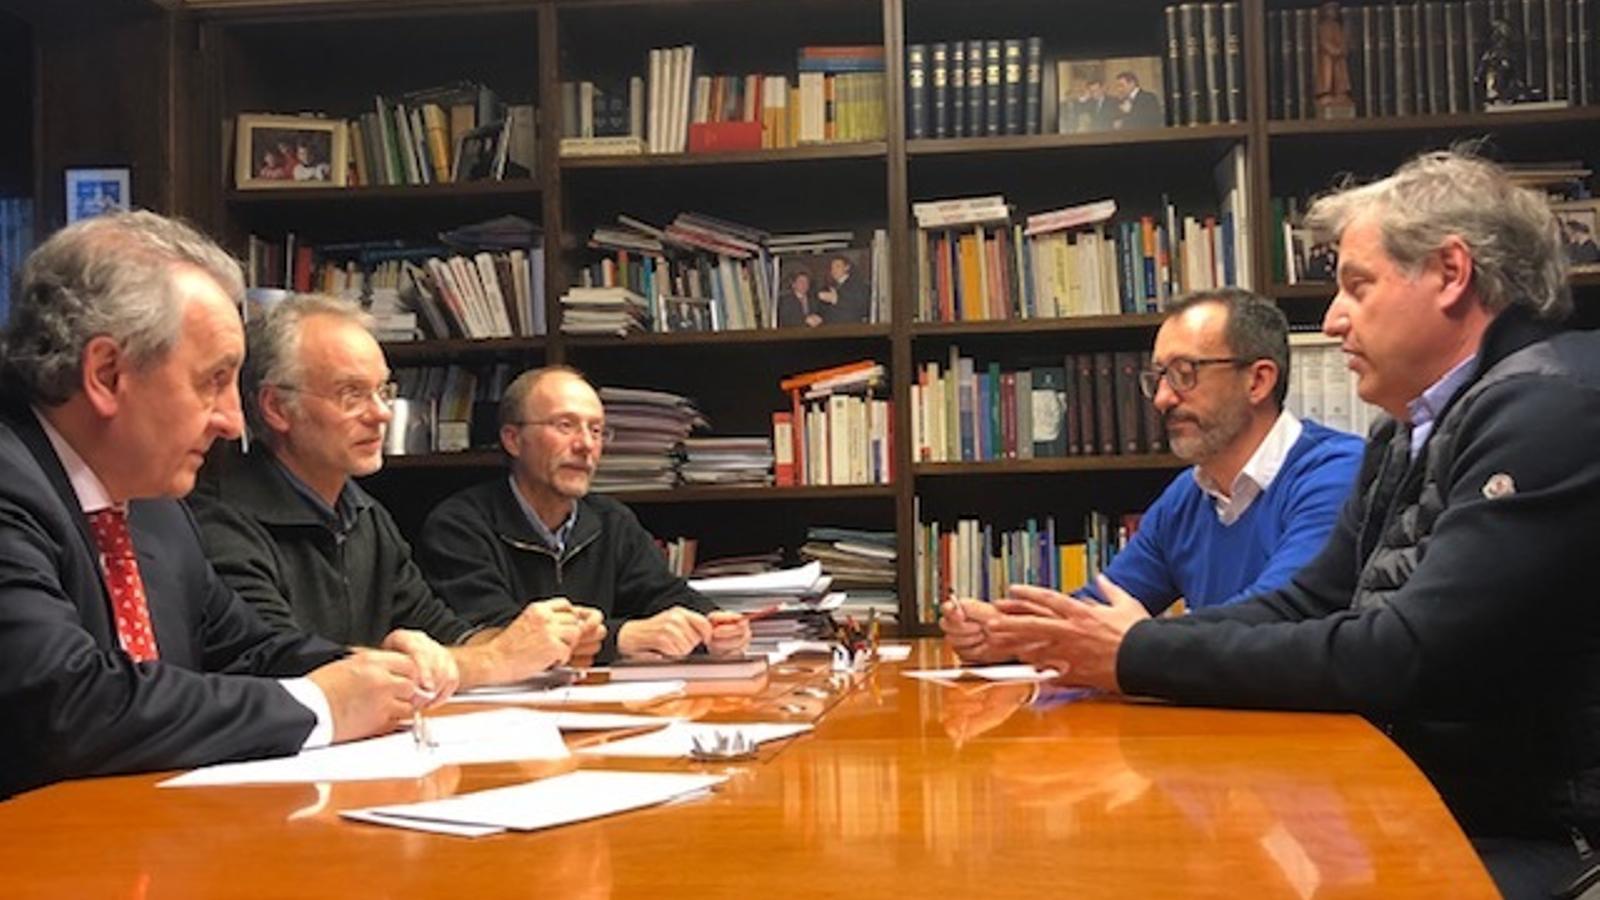 Un moment de la trobada entre Progressistes-SDP i representants de l'Acoda. / PPROGRESSISTES-SDP